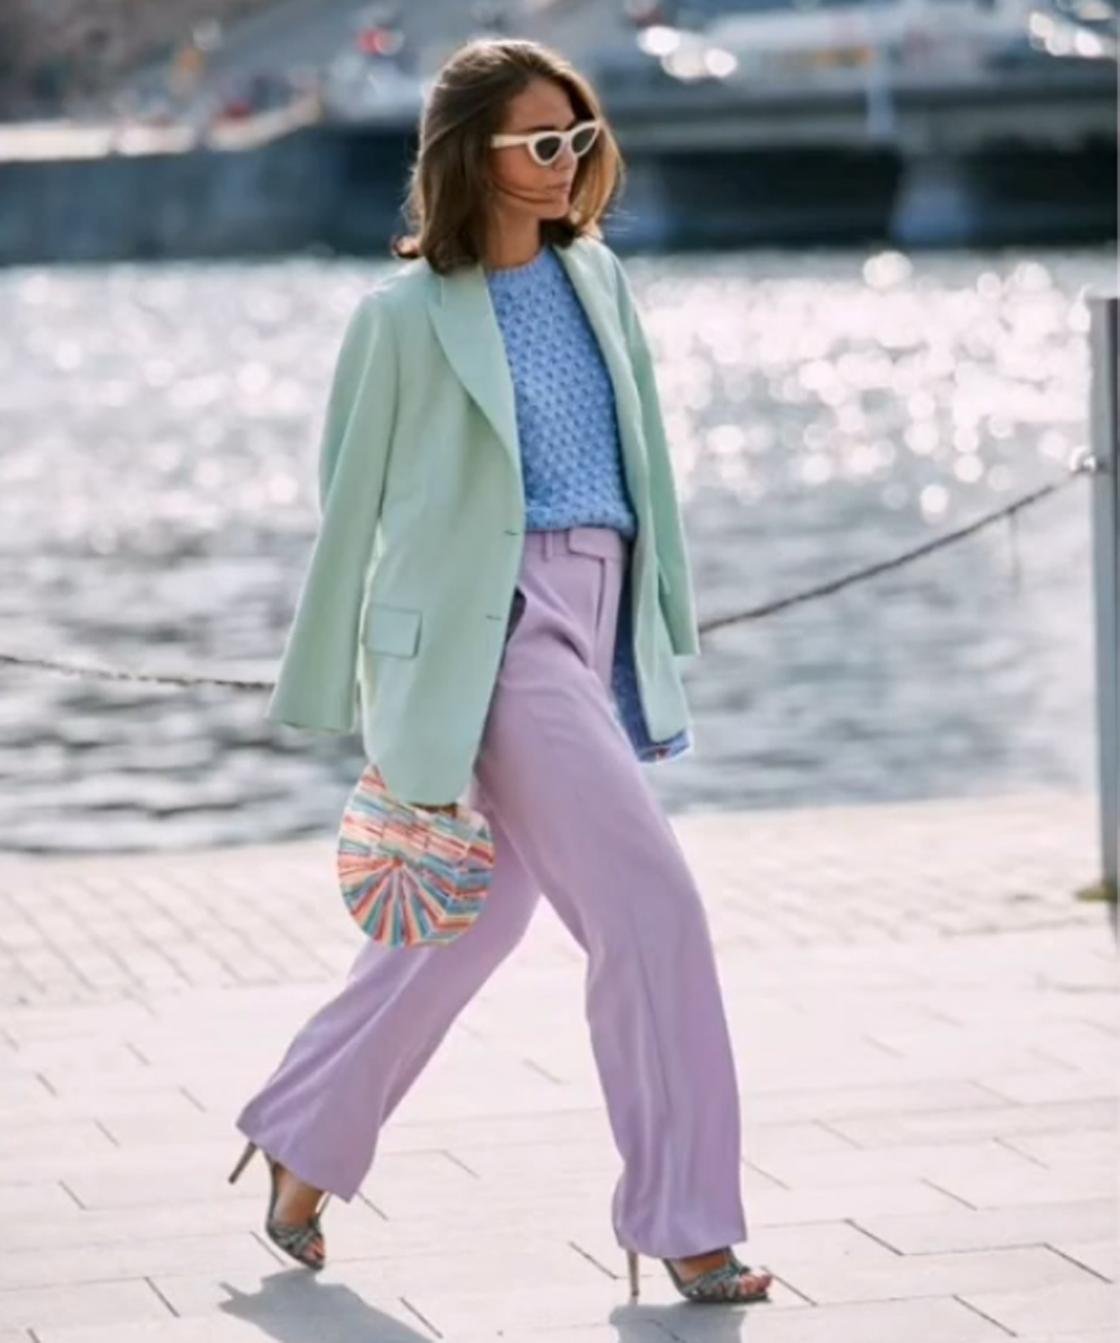 Сочетание сиреневого цвета с голубым и зеленым в модном образе